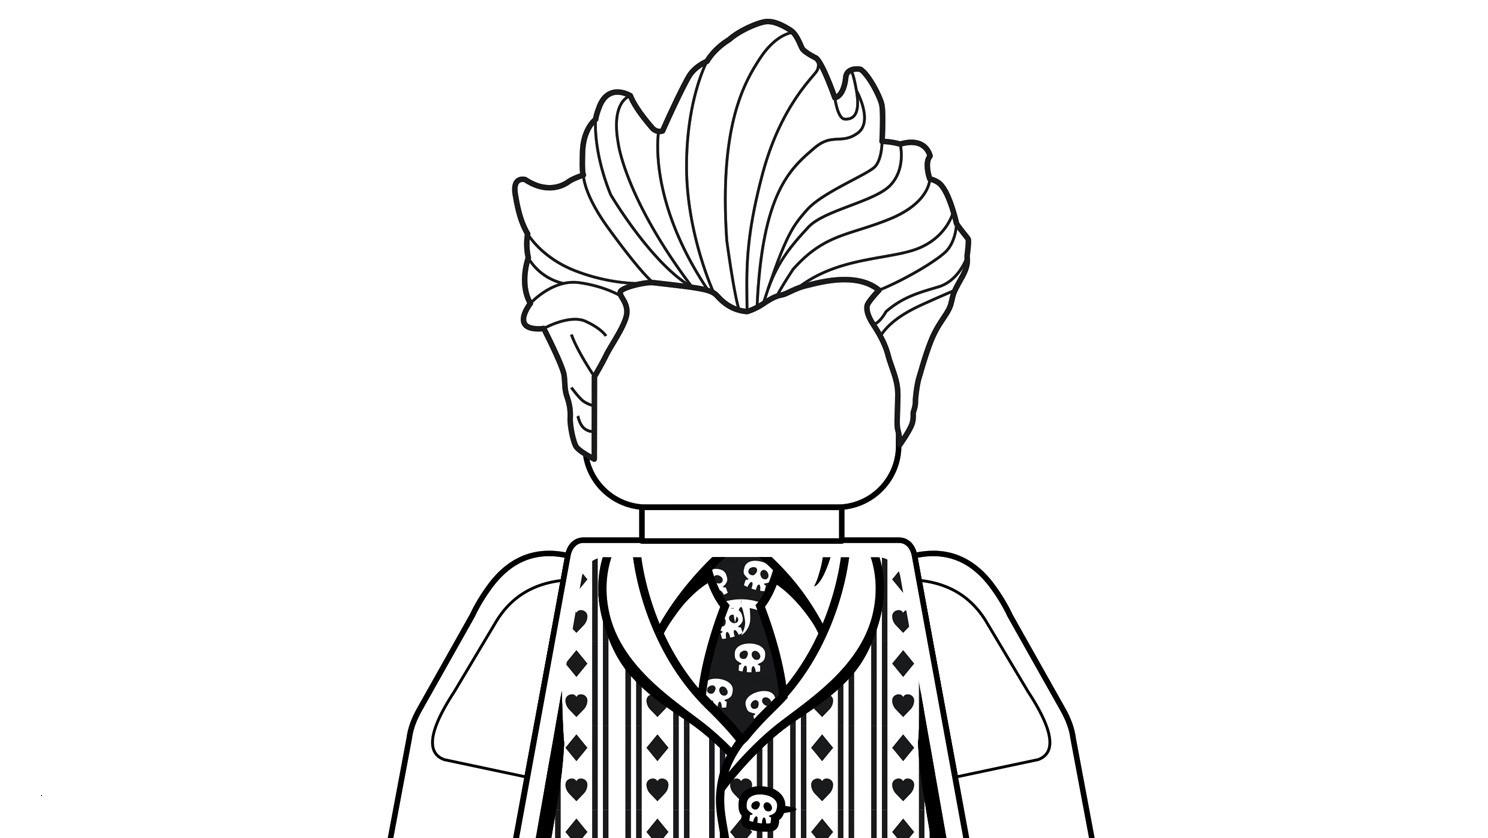 Ausmalbild Lego Batman Neu 30 Joker Ausmalbilder forstergallery Fotos